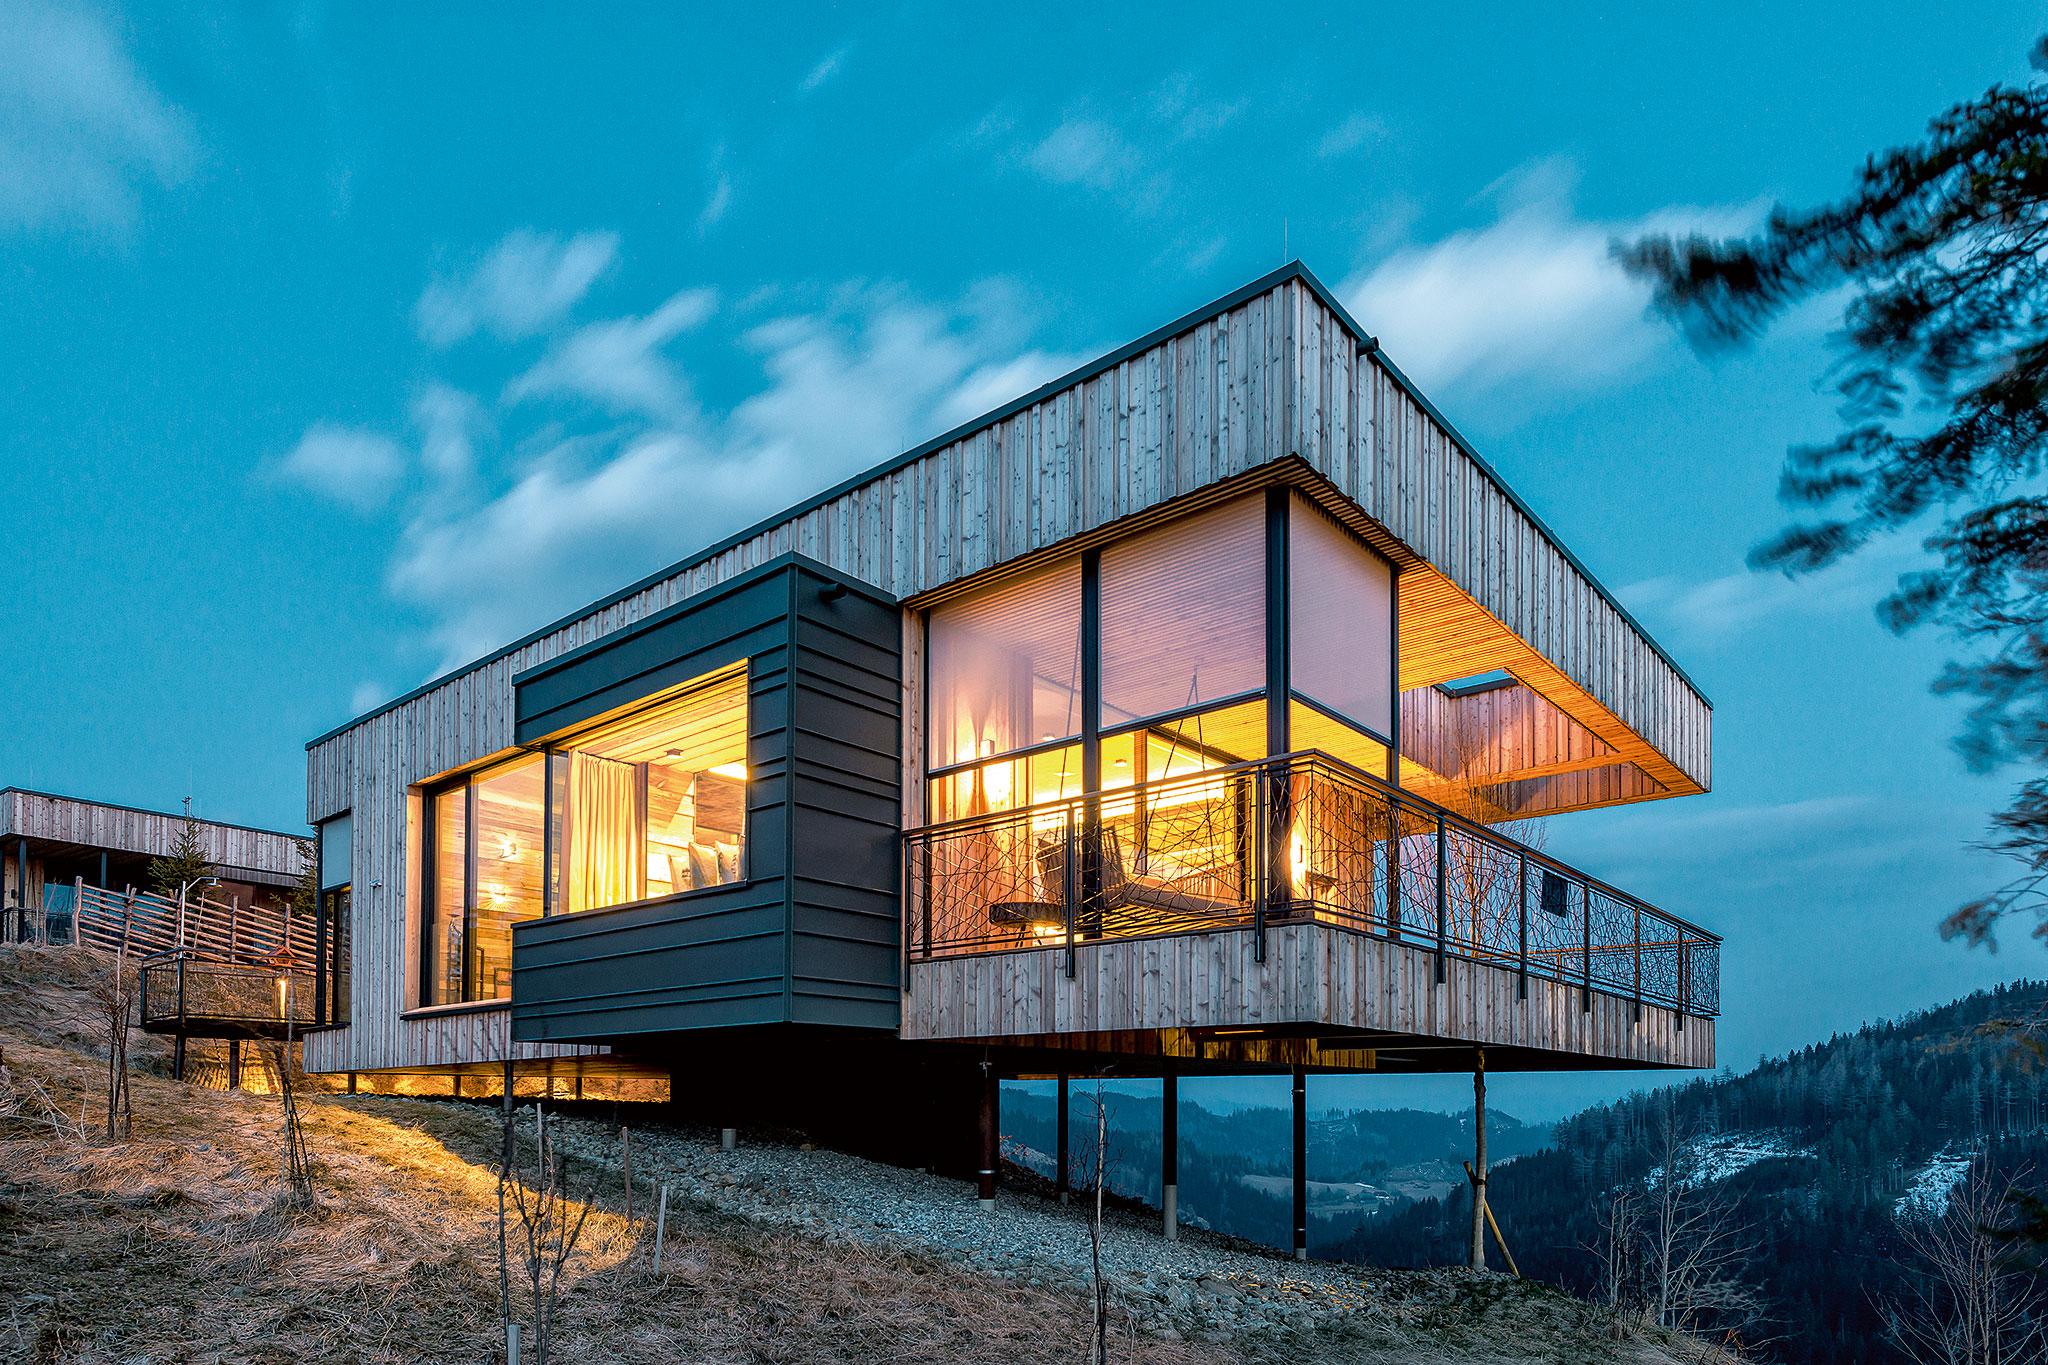 Minimalistisches Haus auf Stützen